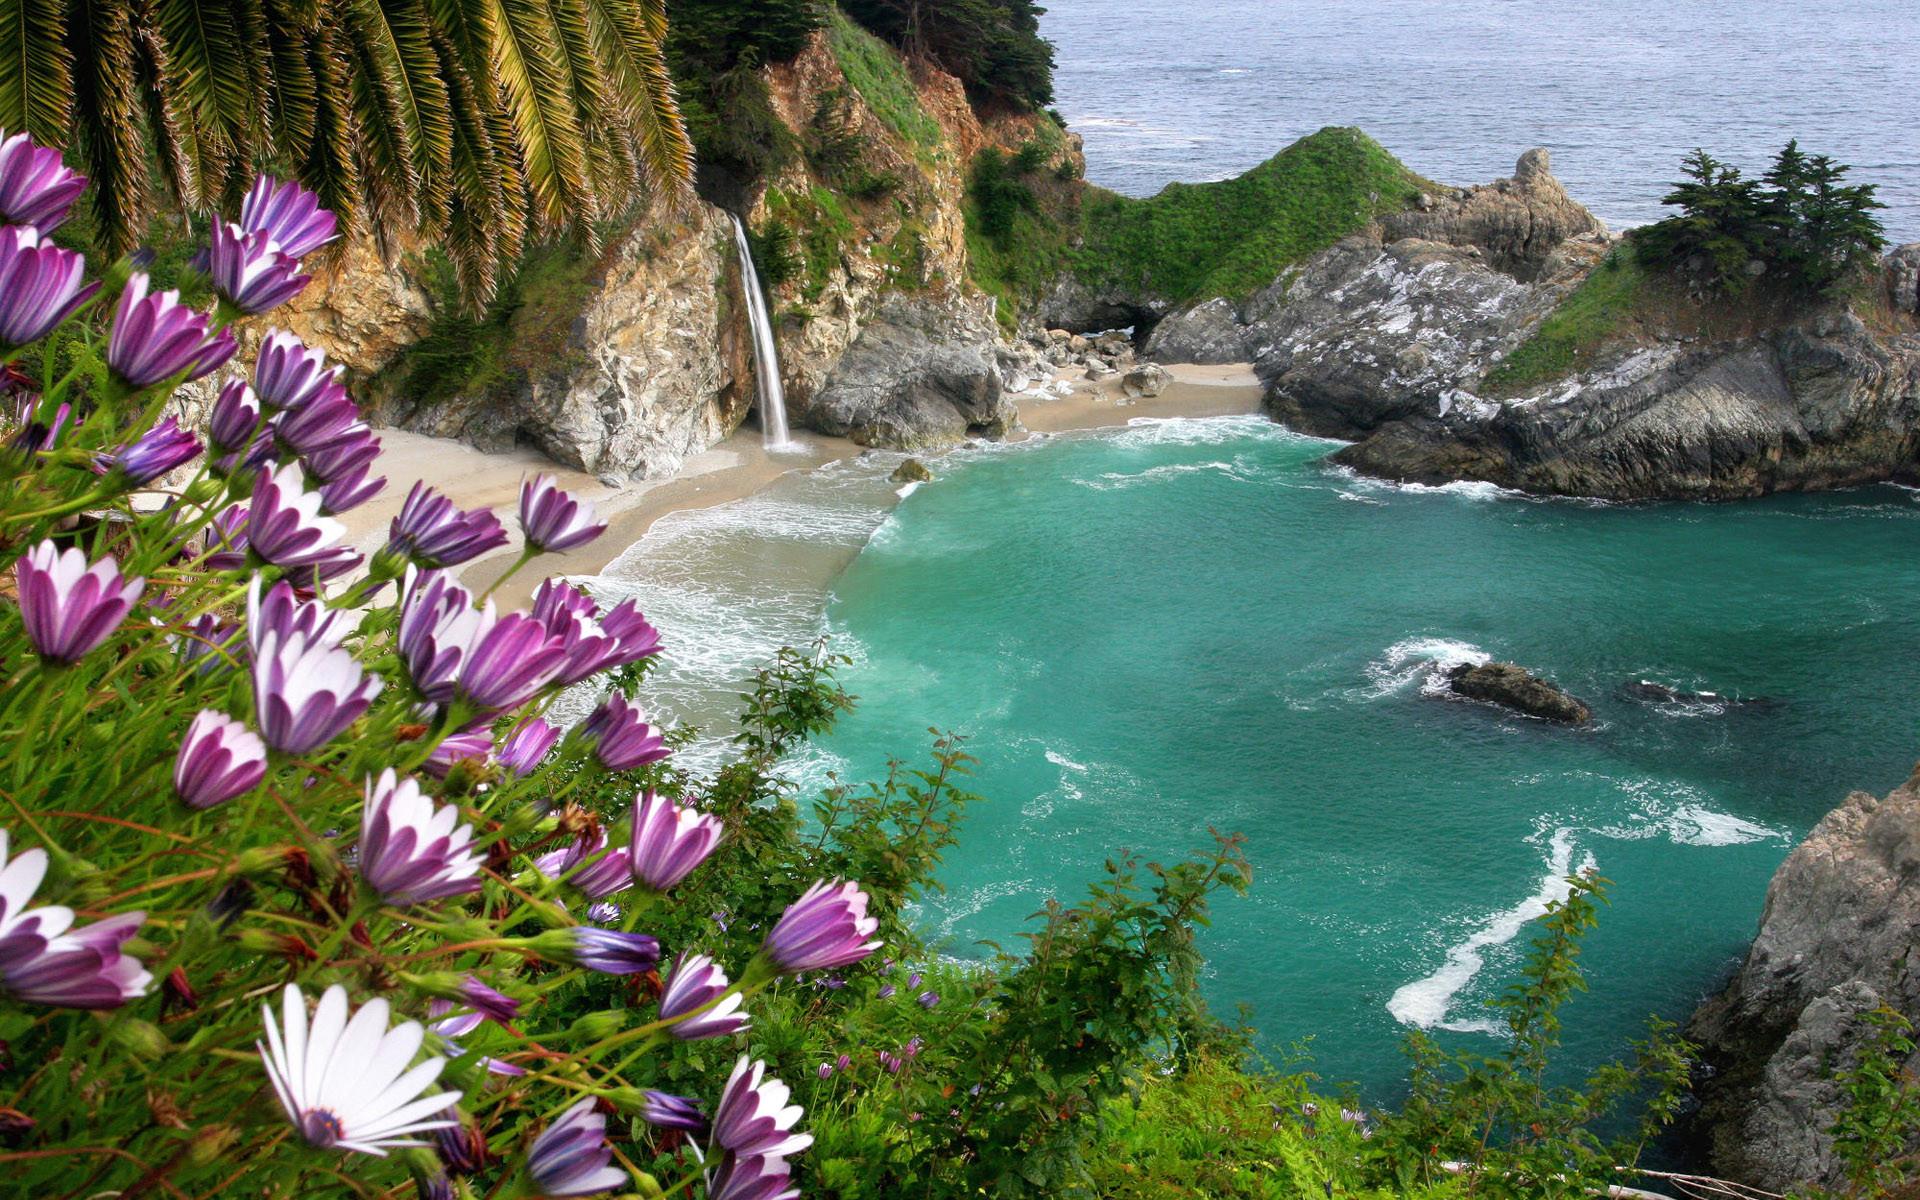 【资源组】加利福尼亚风景宽屏壁纸 47p